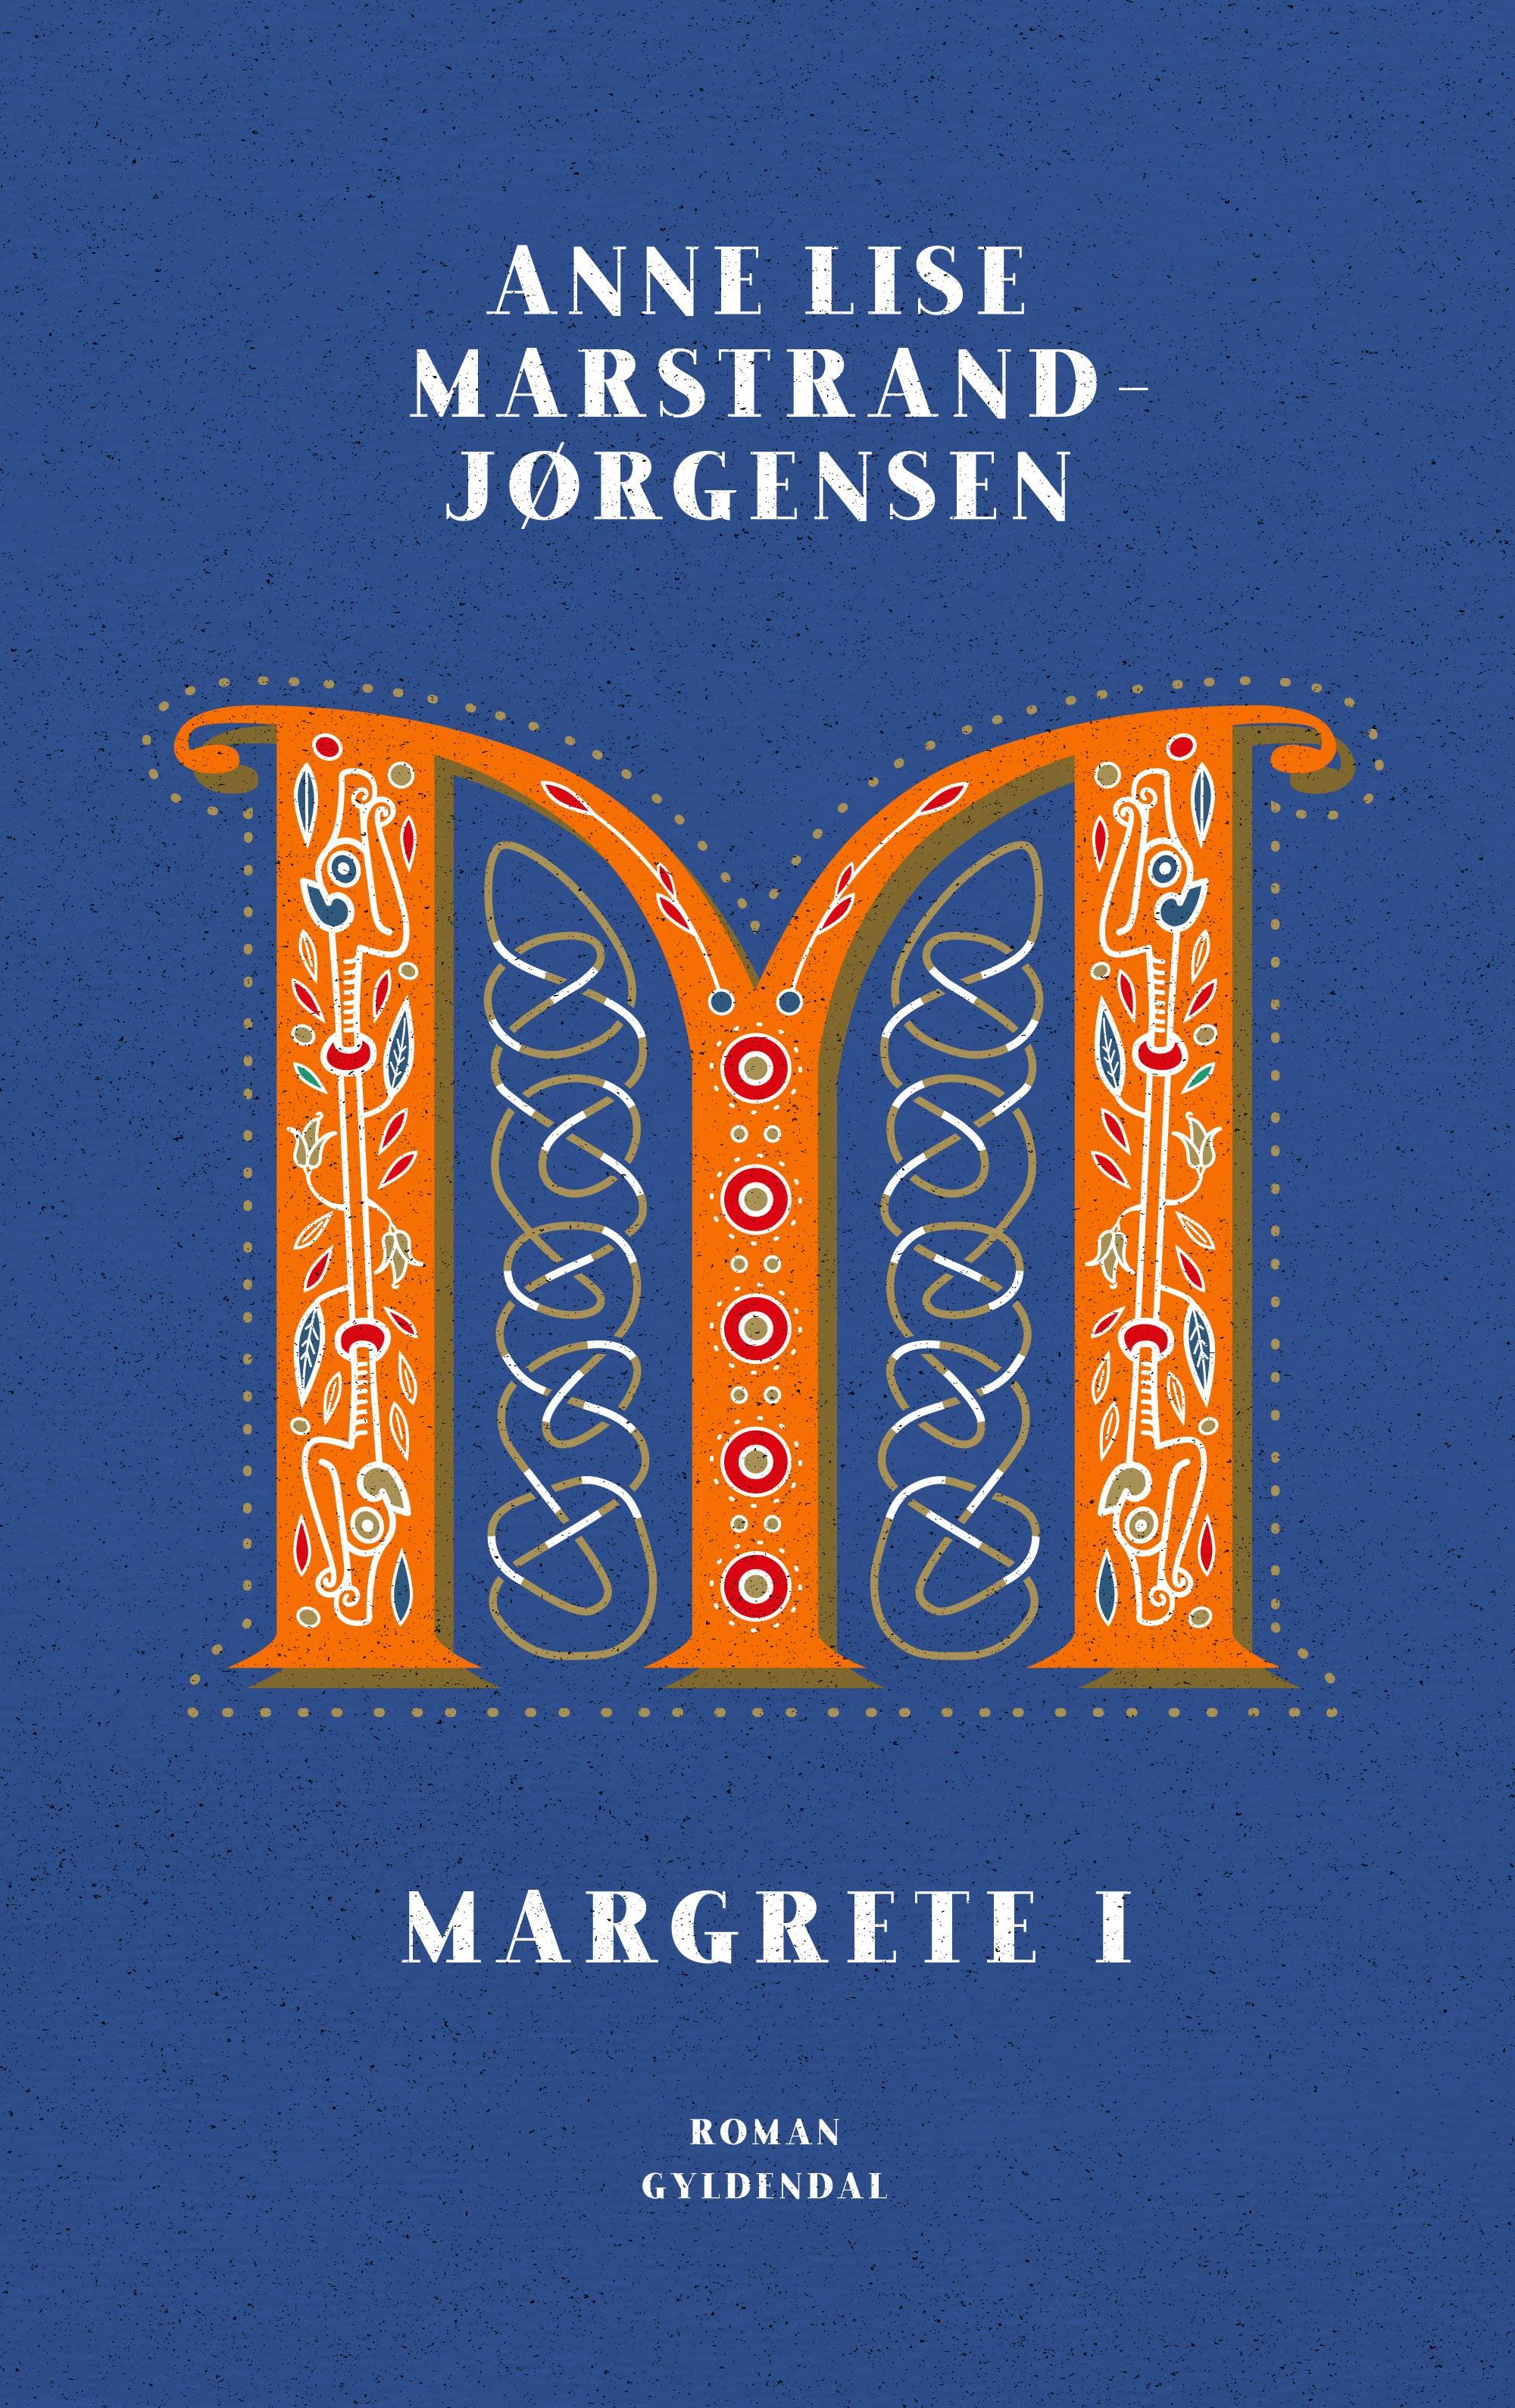 Margrete I - Anne Lise Marstrand-Jørgensen - Bøger - Gyldendal - 9788702295504 - September 25, 2020